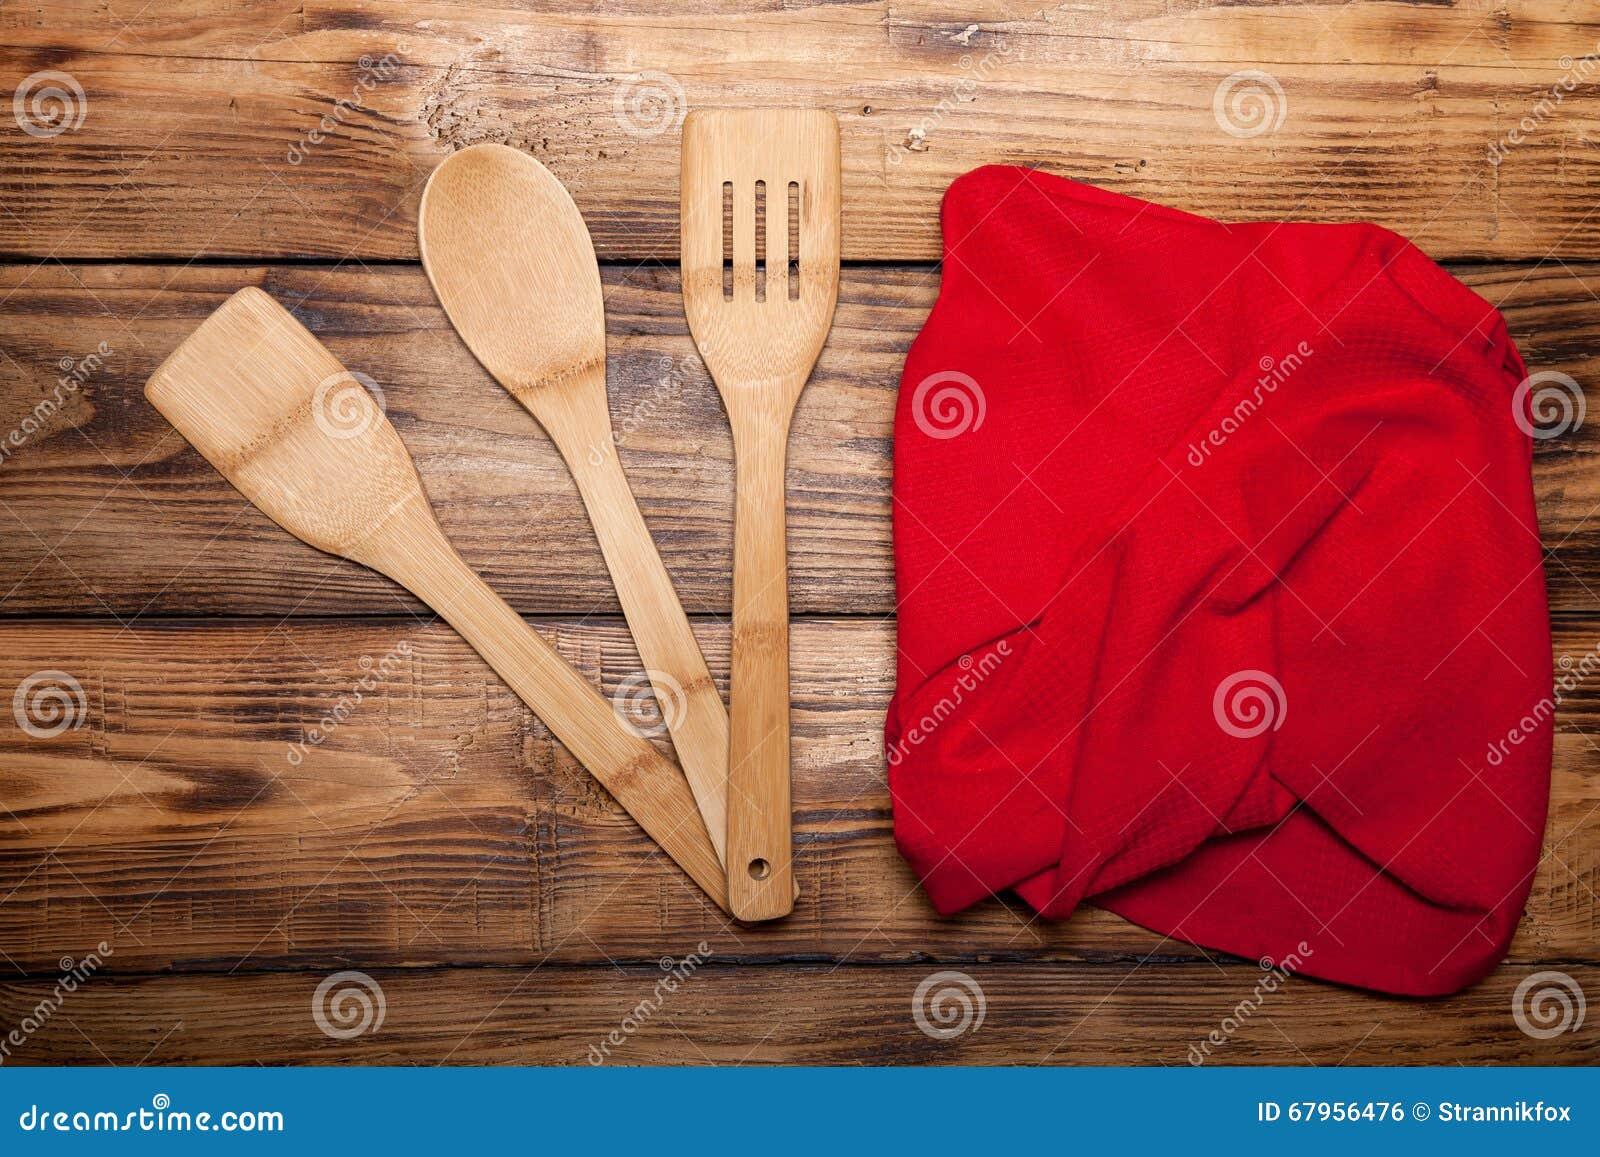 Toalla De Cocina Roja Y Cuchara De Madera En La Tabla Quemada De